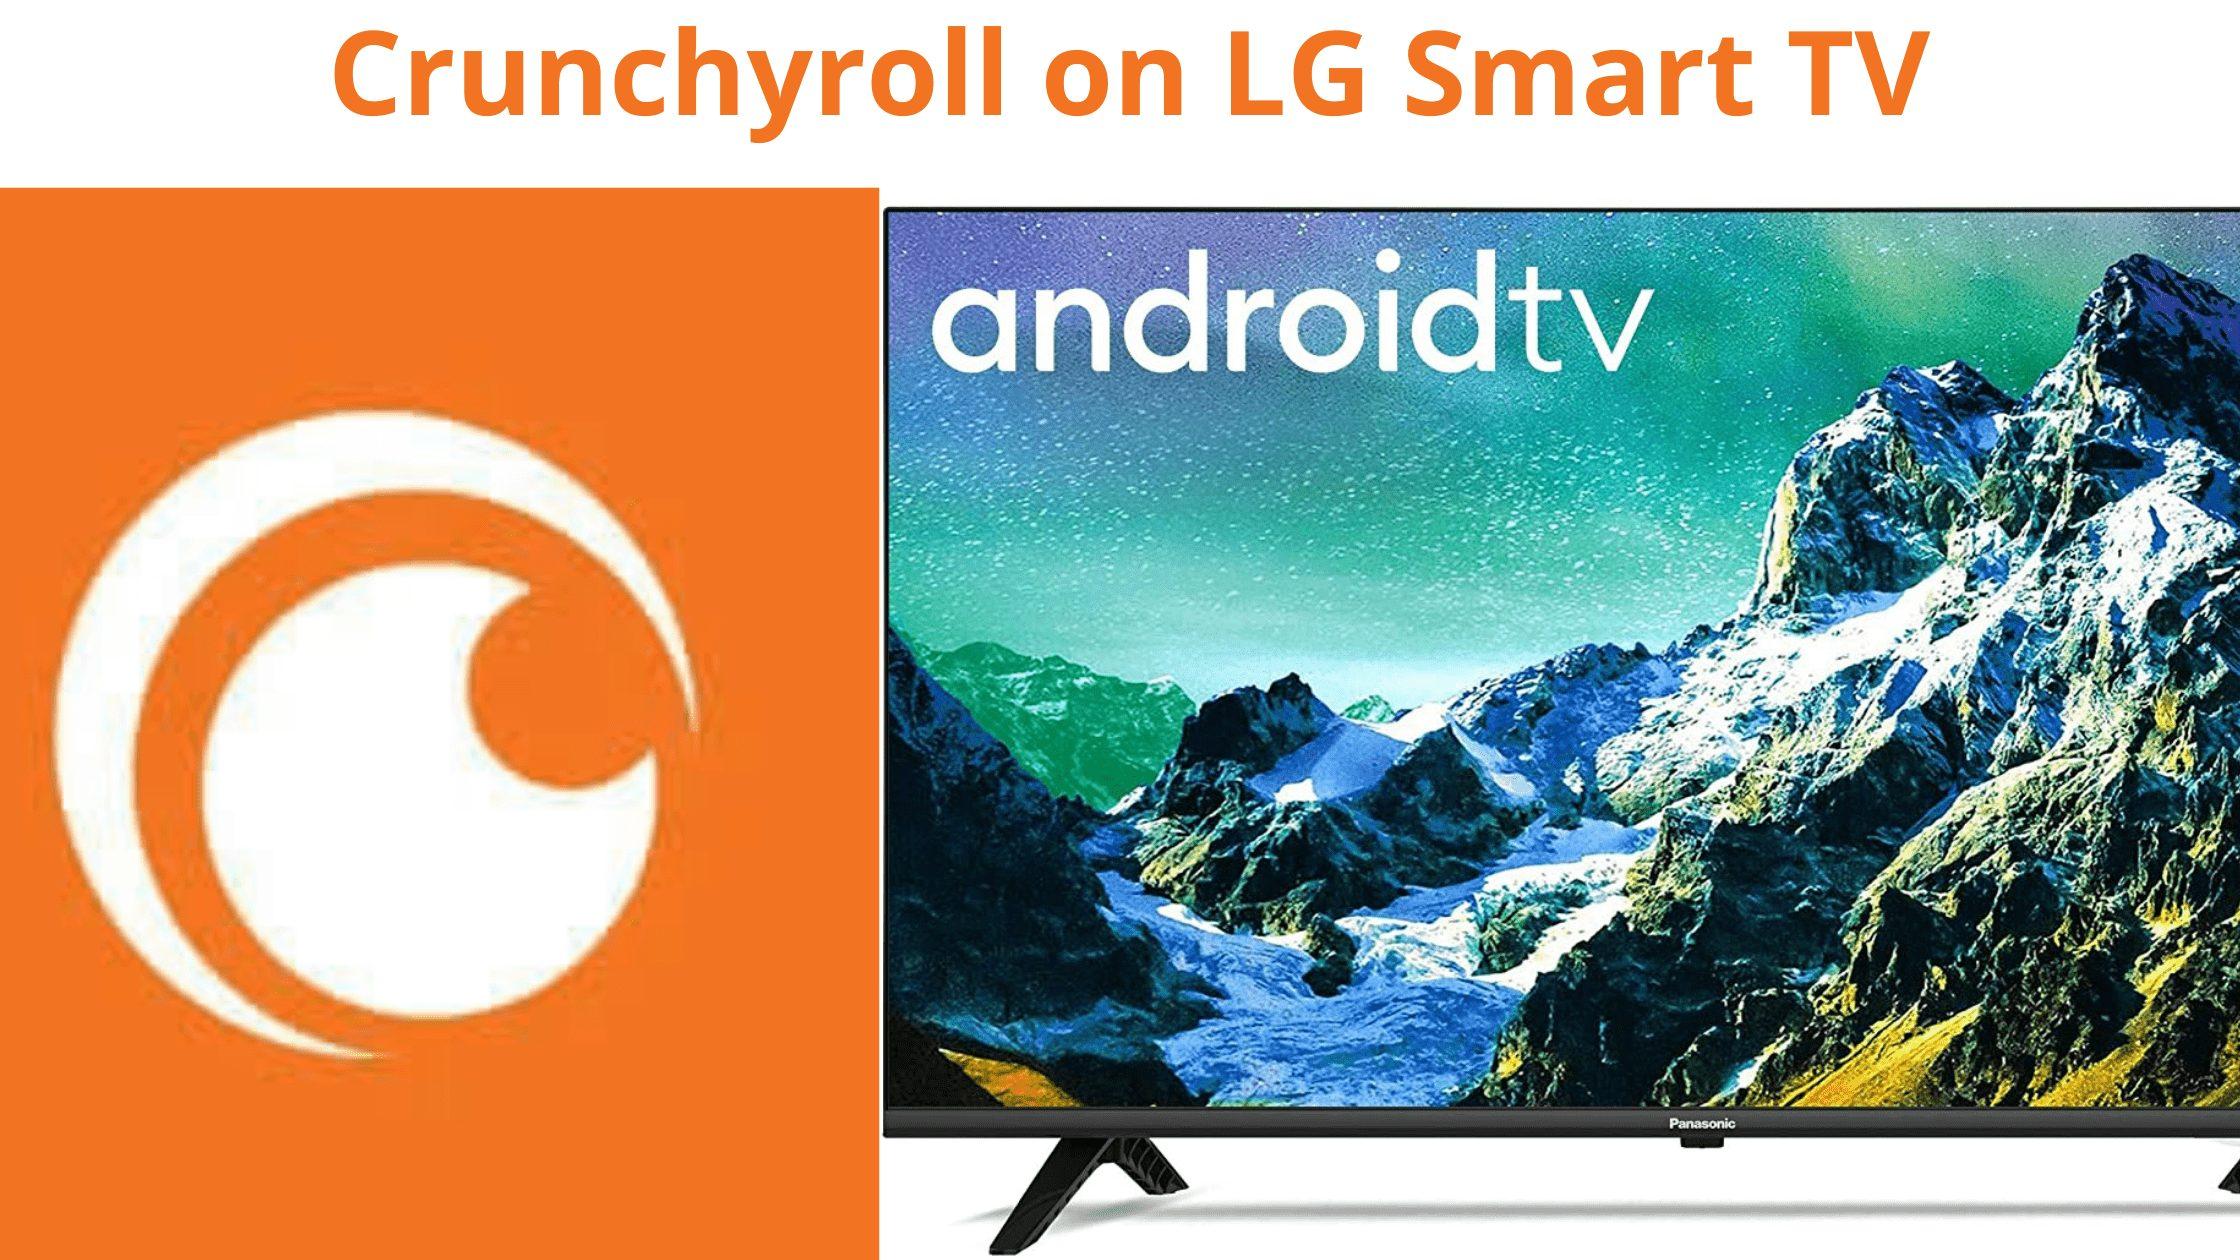 Crunchyroll on LG Smart TV